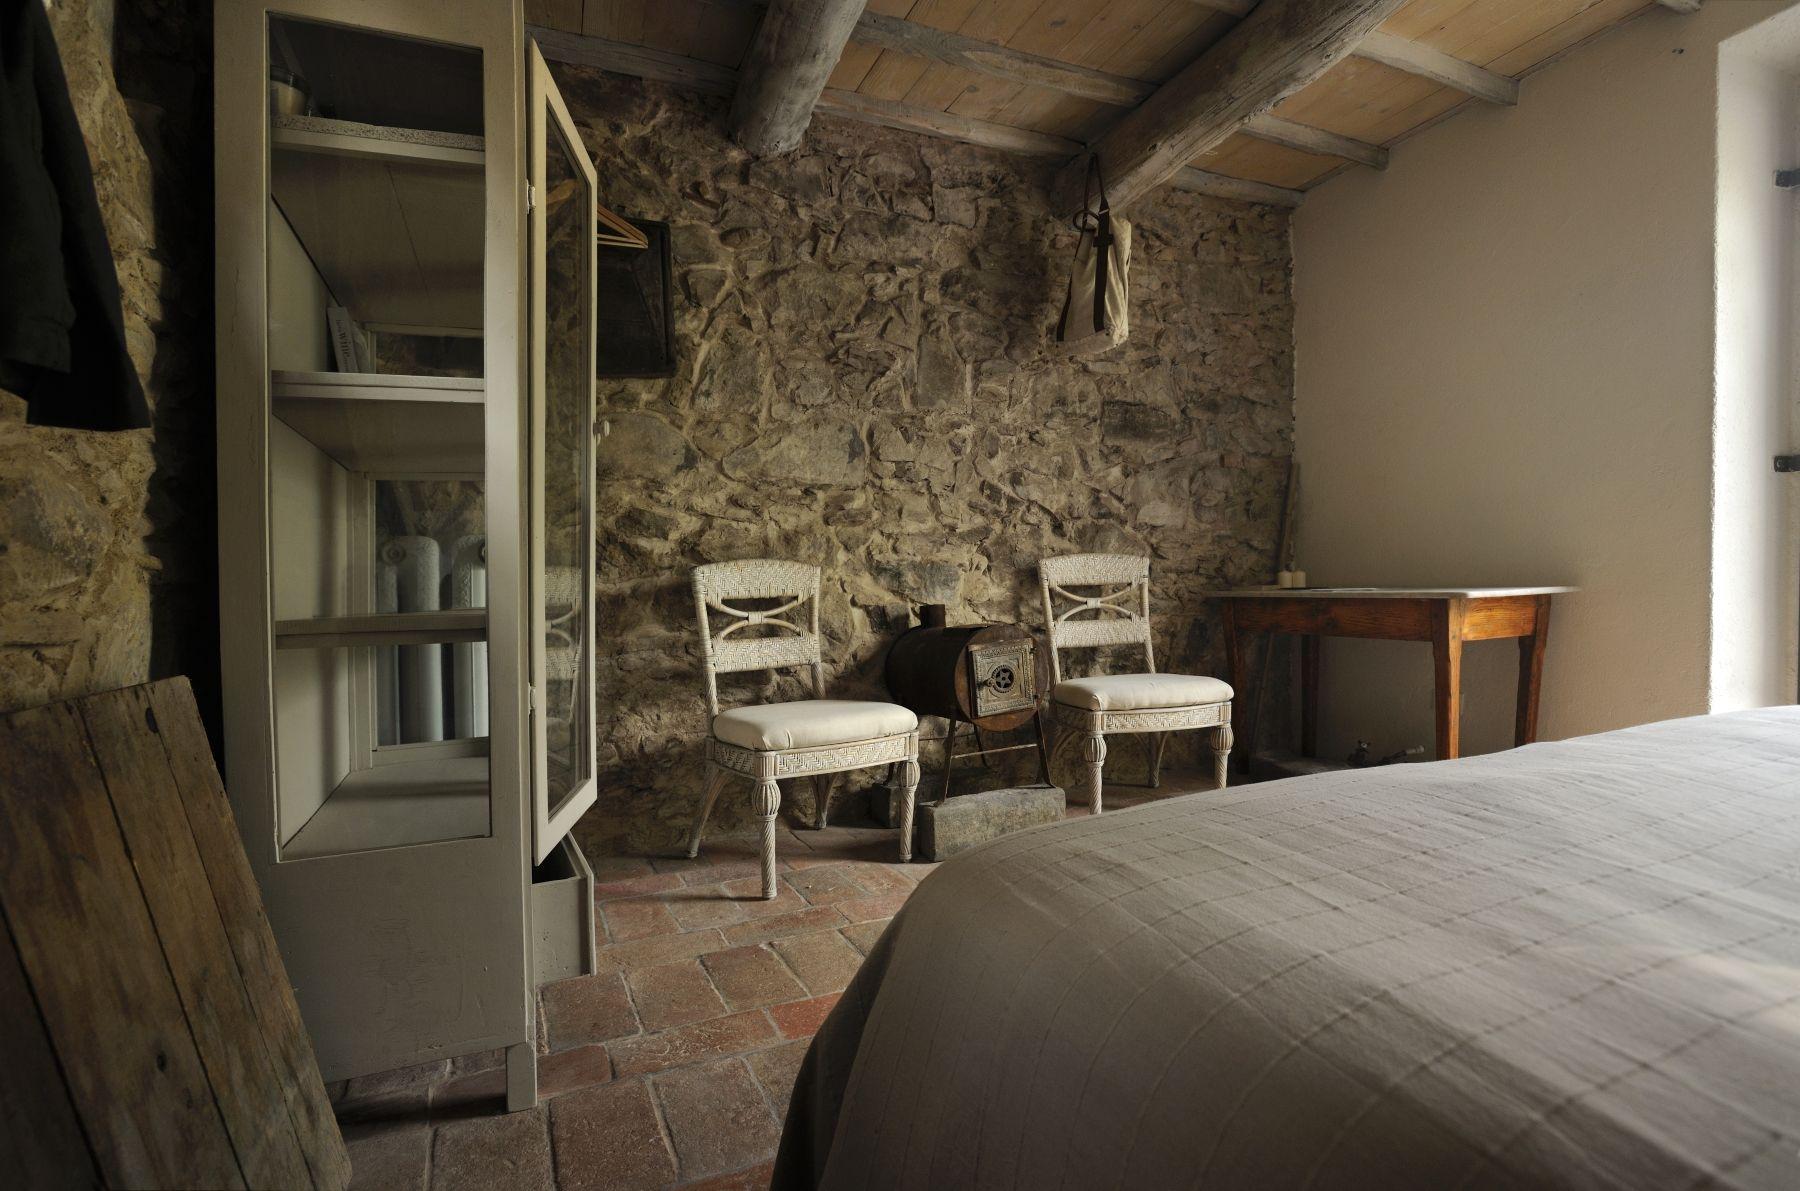 Old Tuscany style